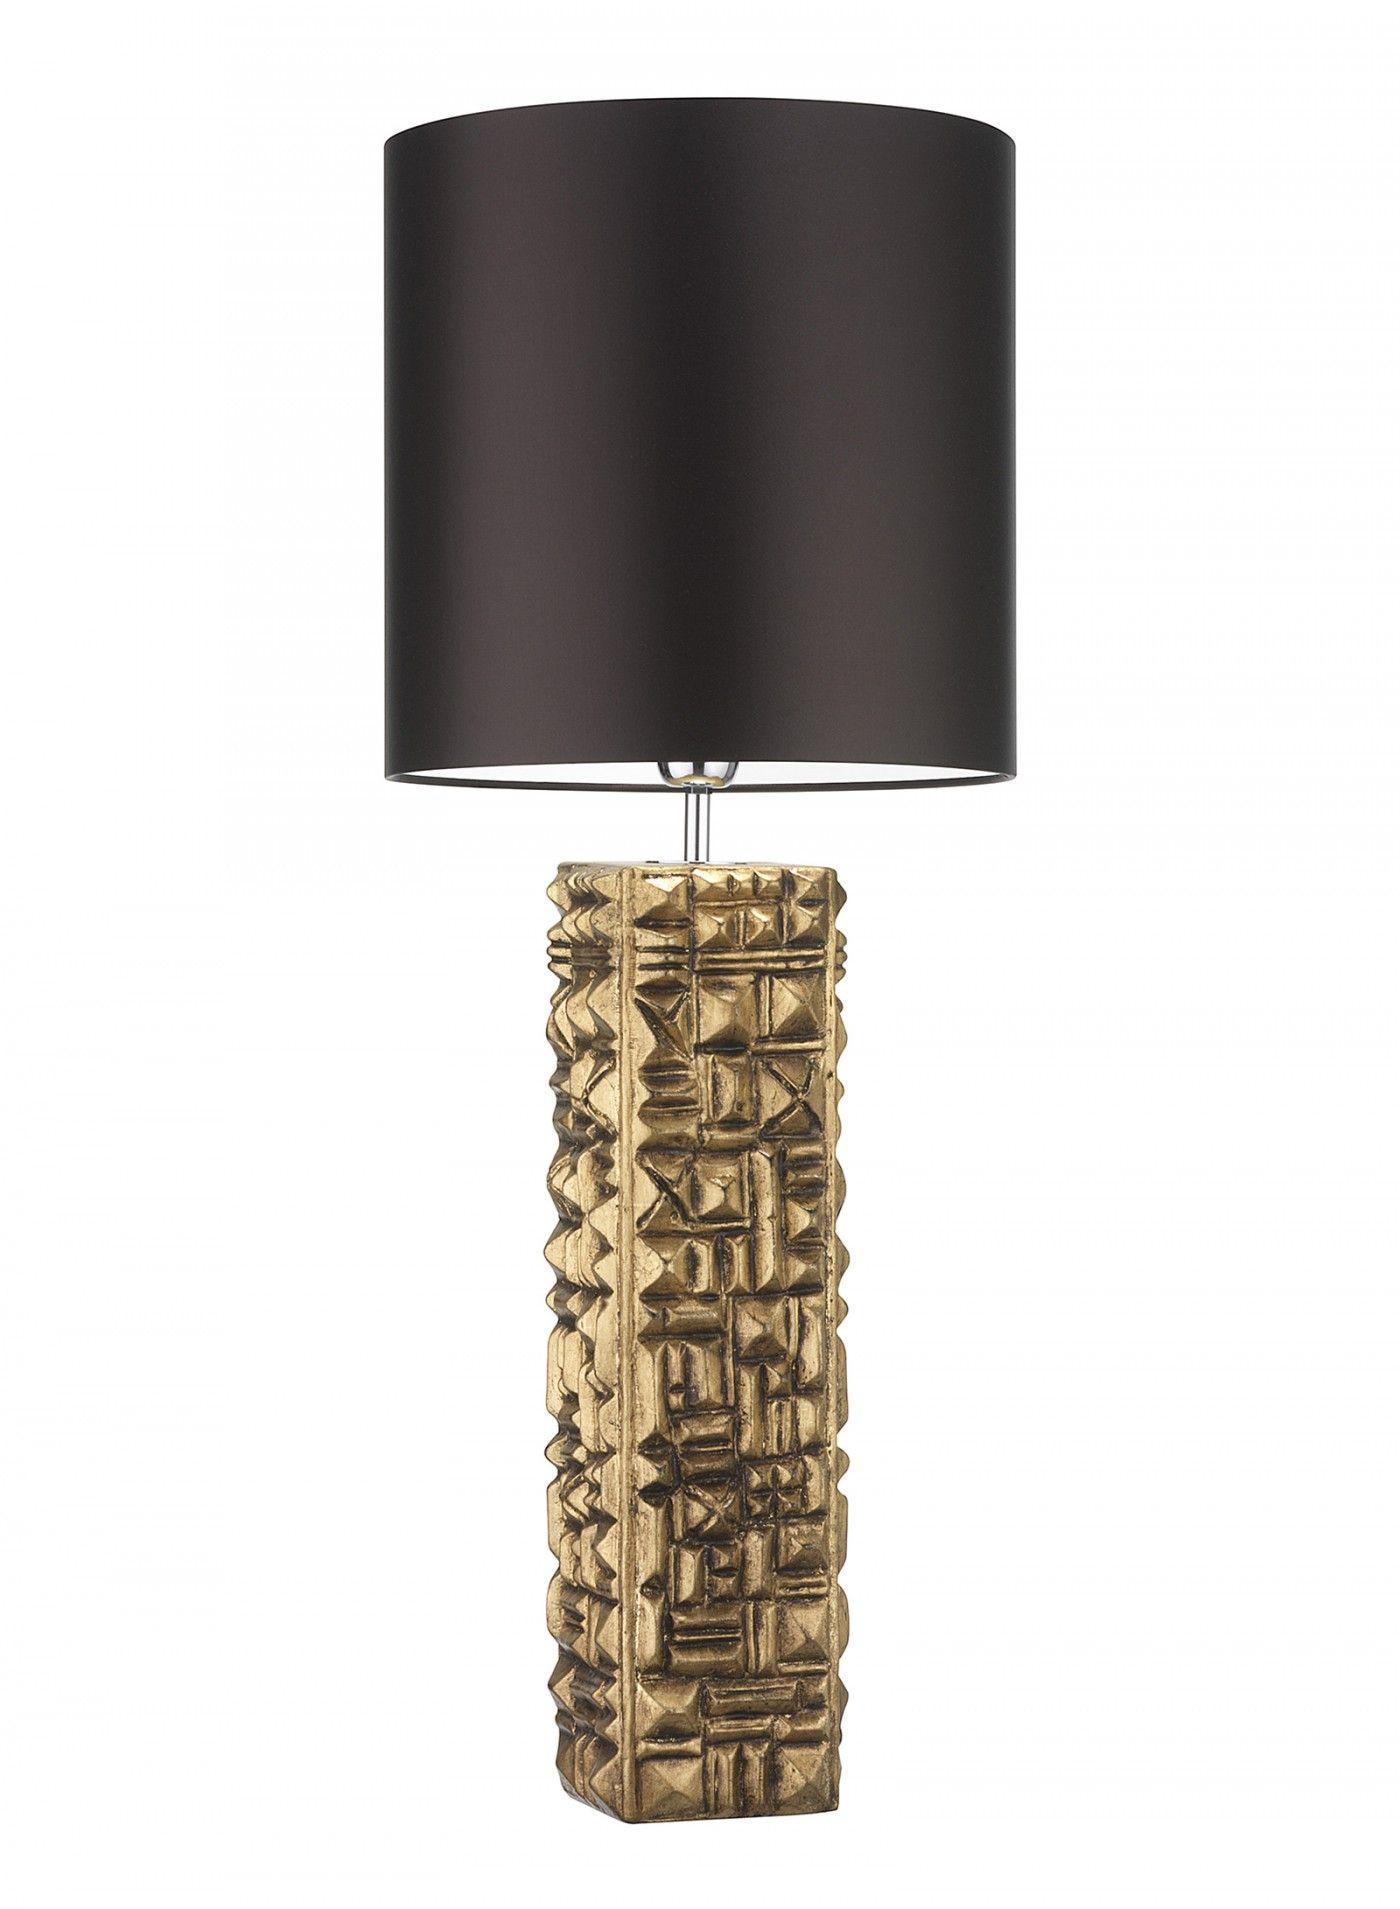 Pompidou Gold Leaf Antique Table Lamp Heathfield Co Antique